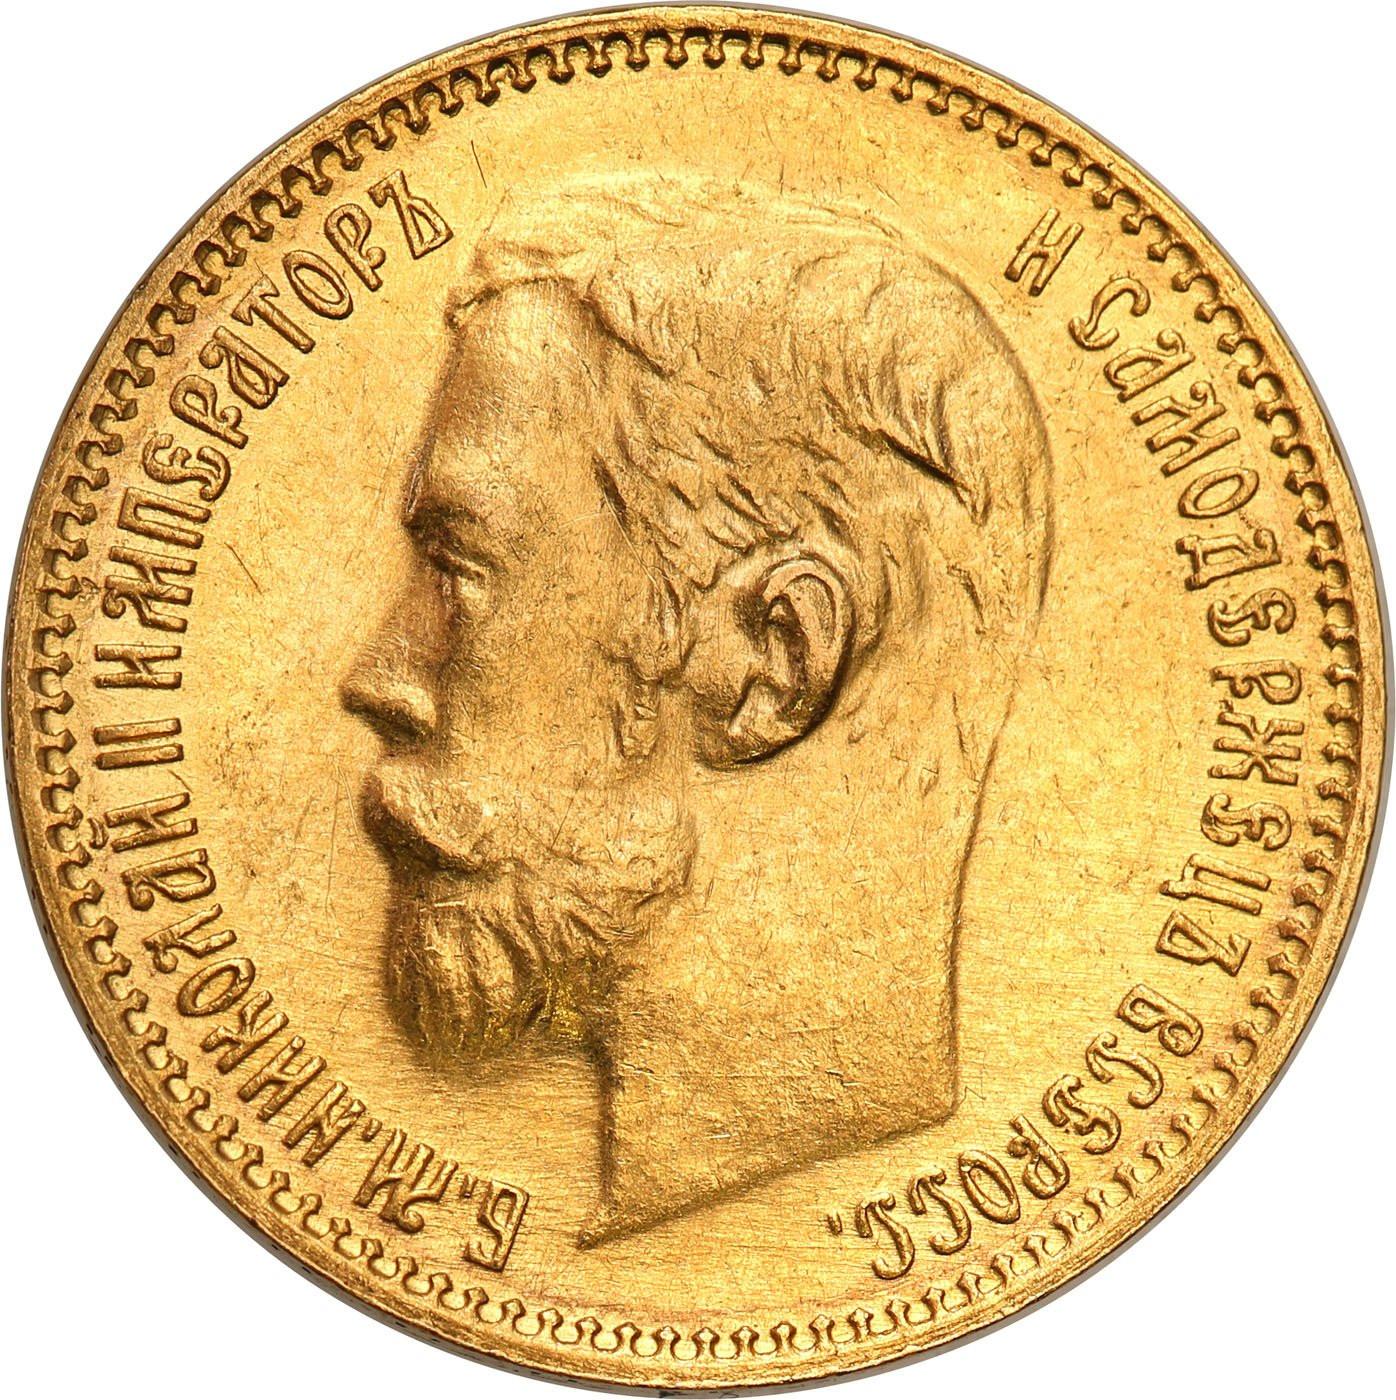 Rosja. Mikołaj II 5 rubli 1901 FZ, Petersburg st.1-